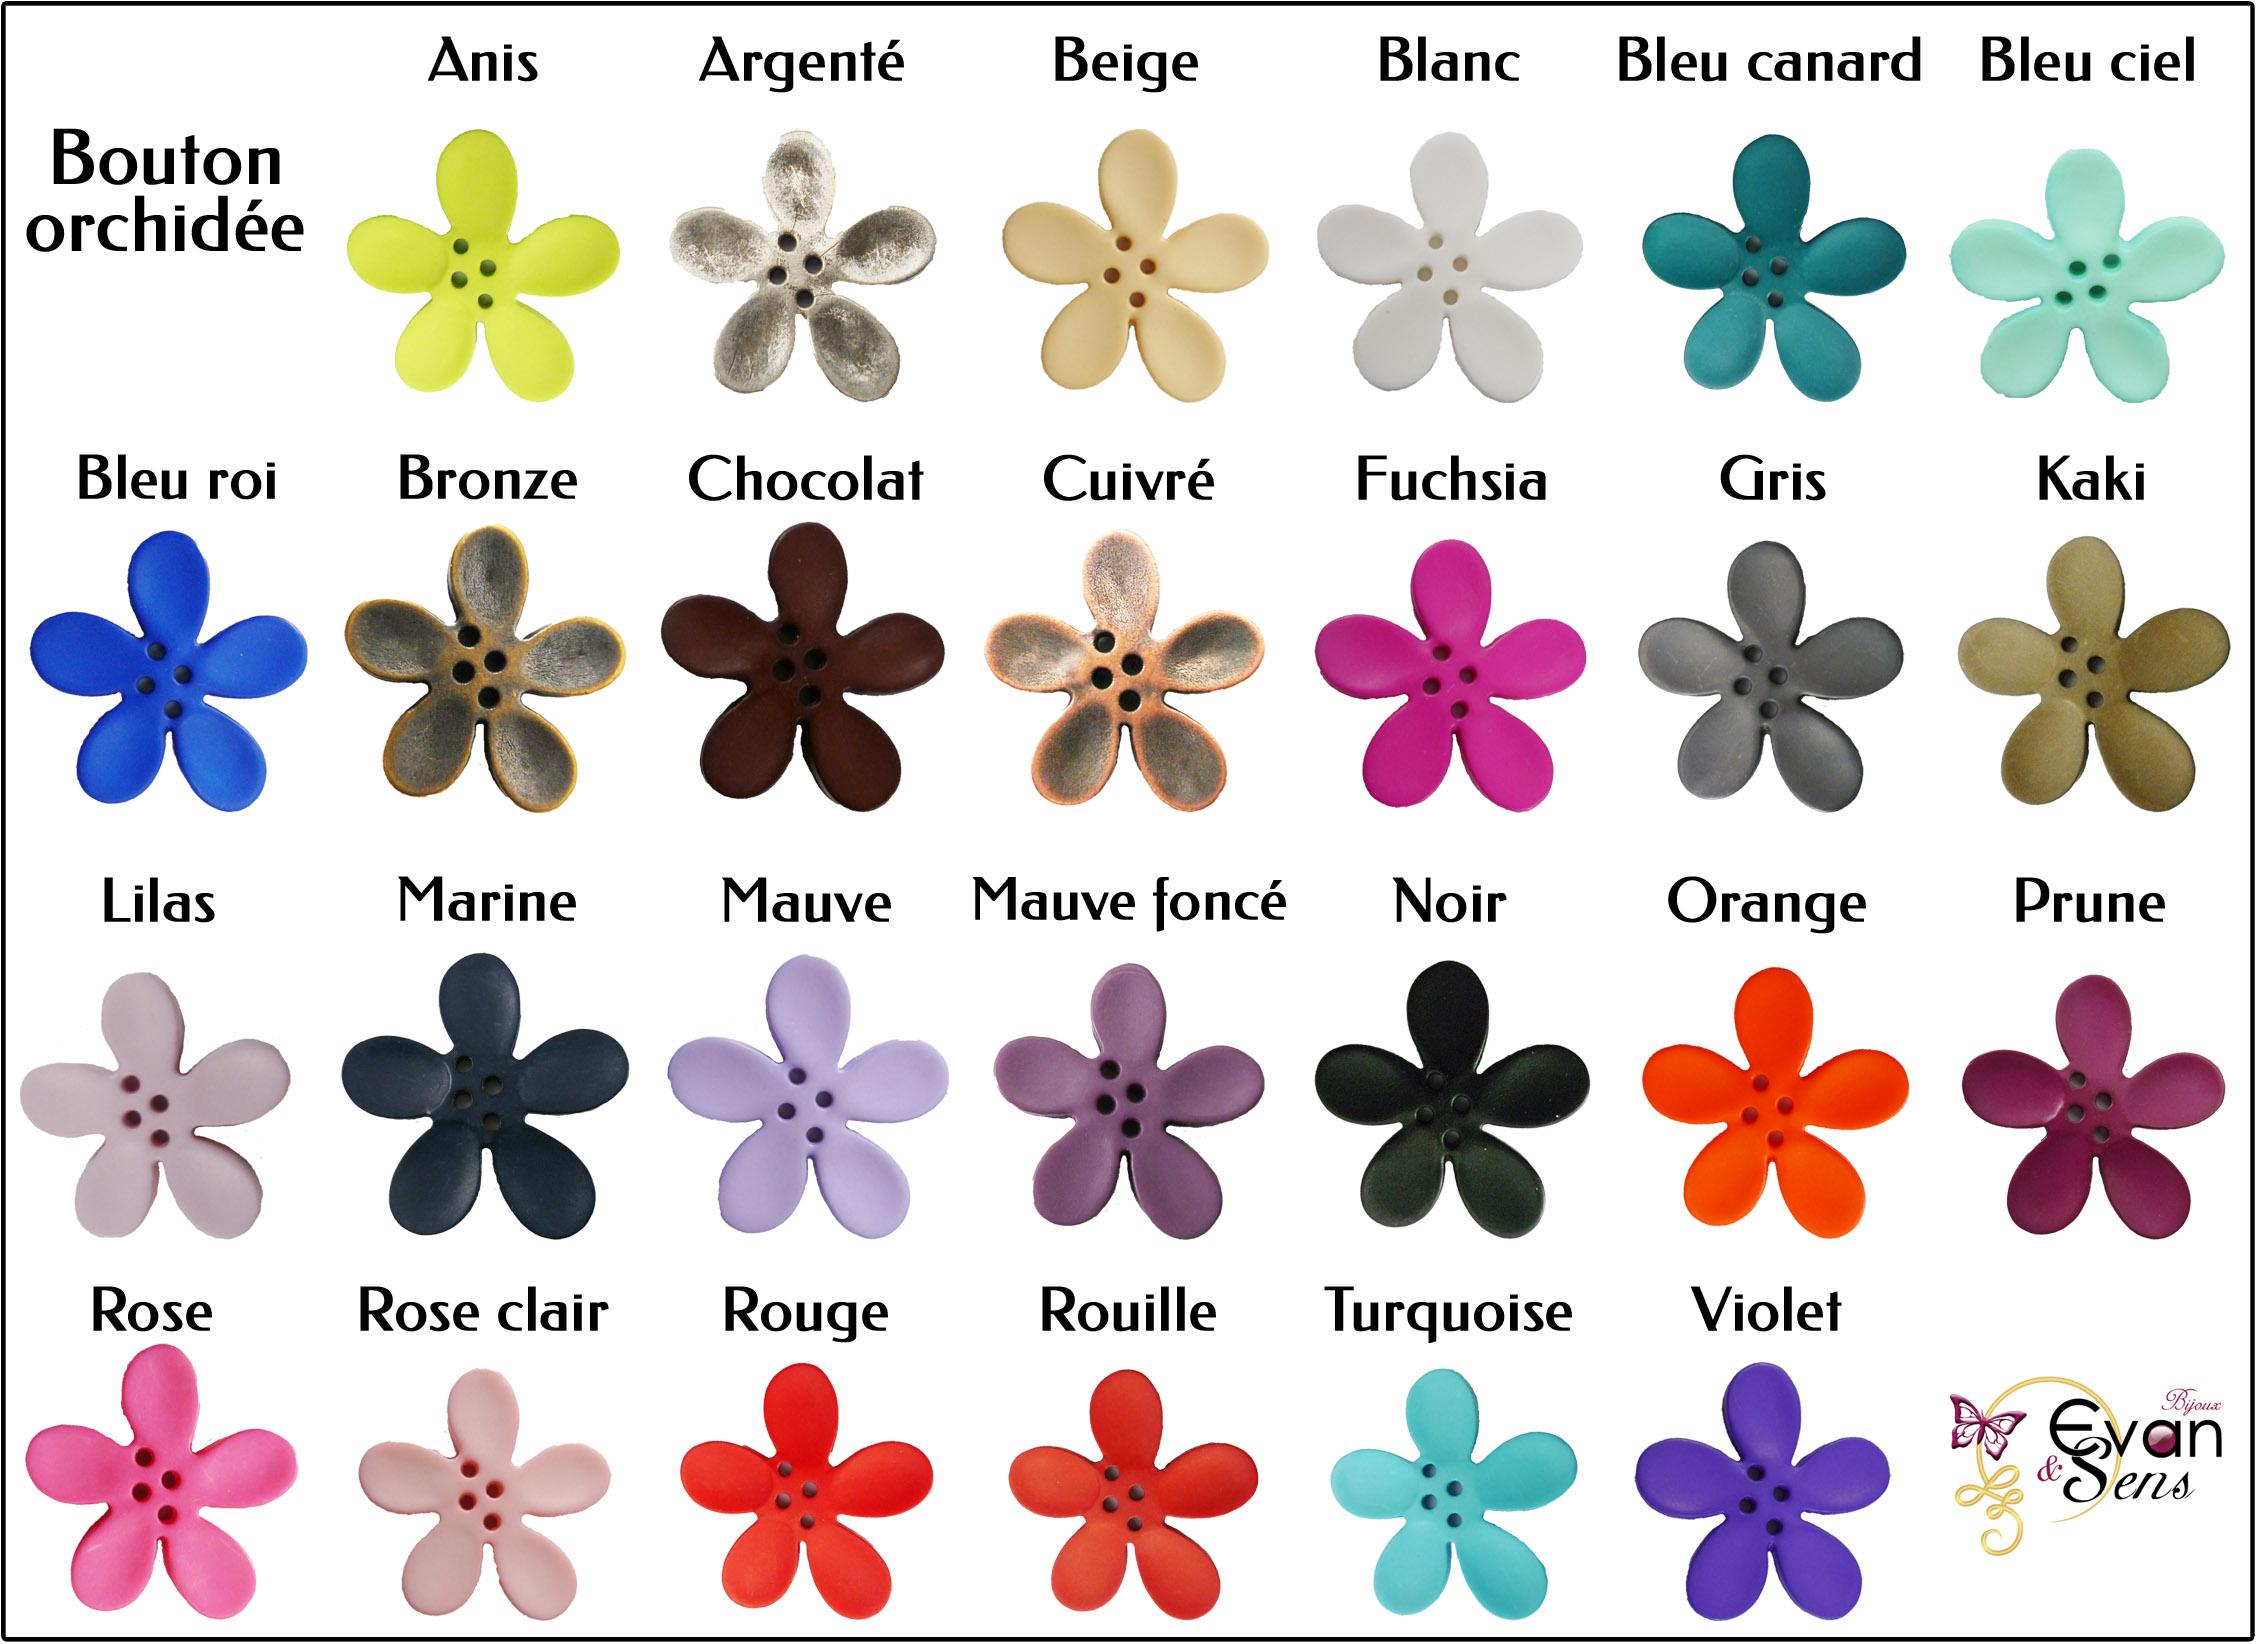 Plaquette de couleurs bouton orchidée